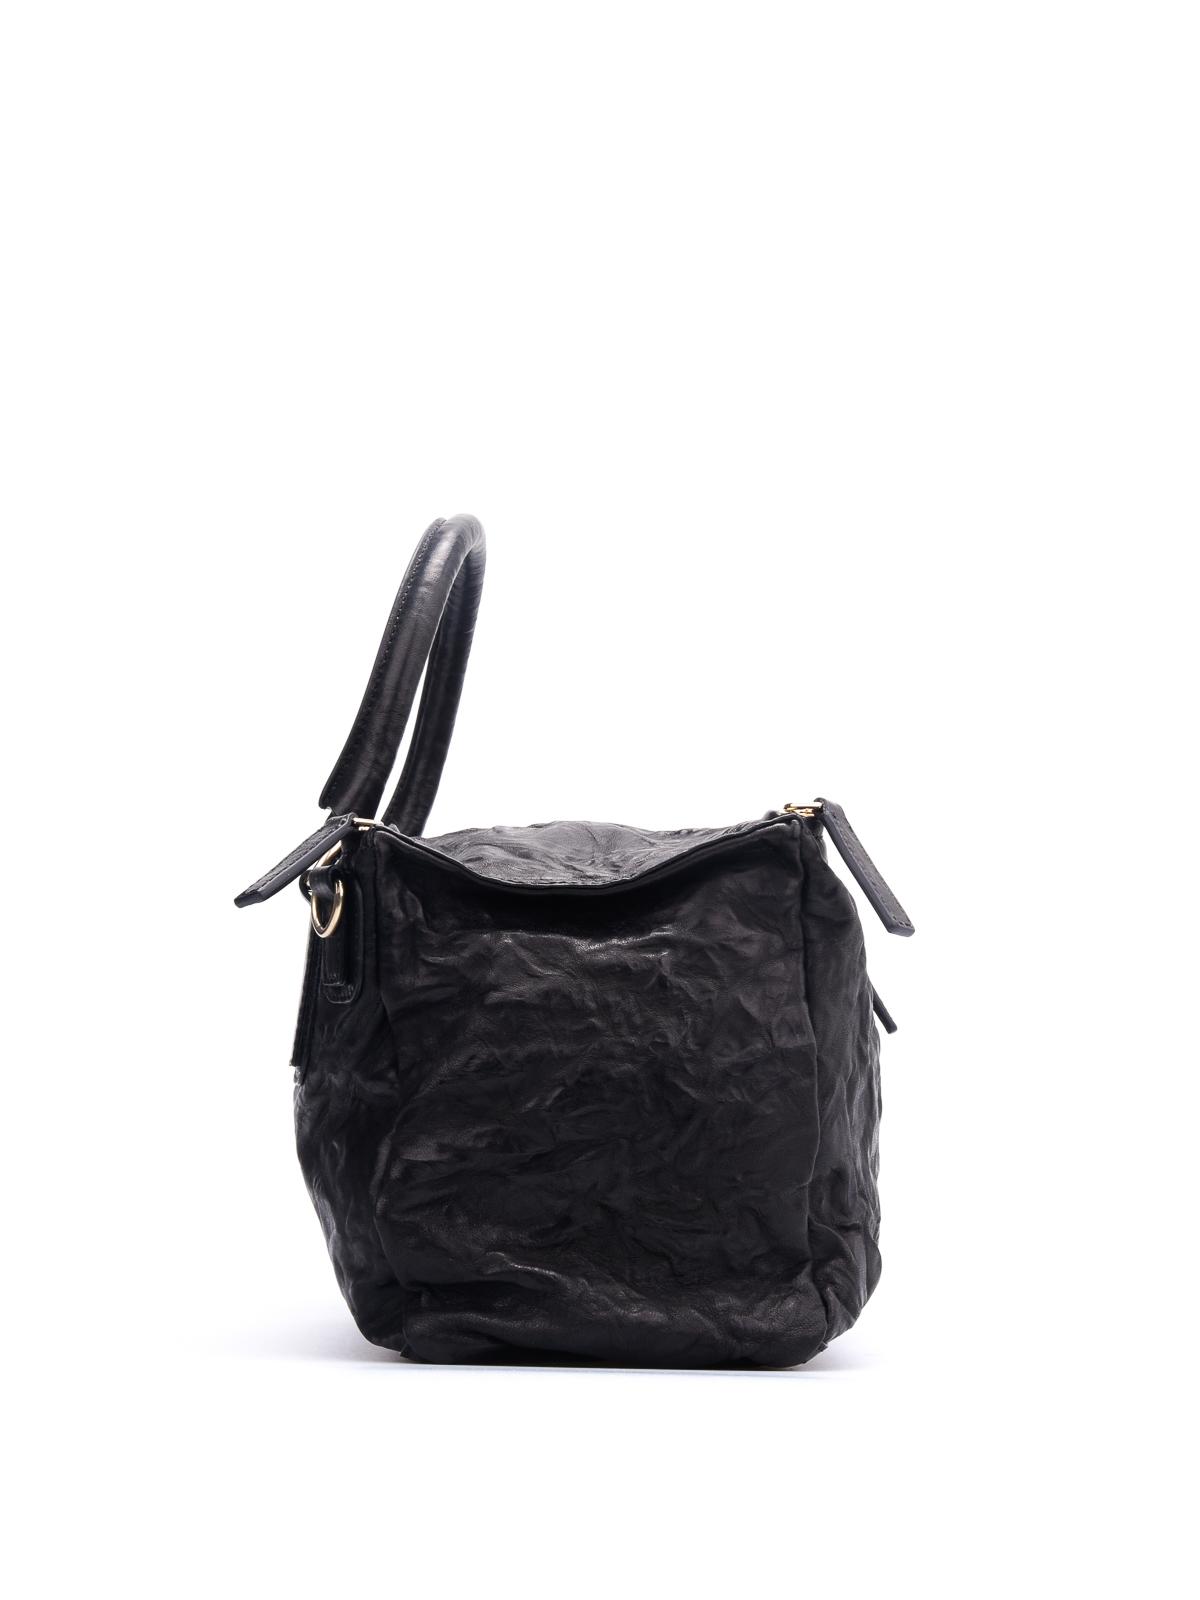 iKRIX GIVENCHY  shoulder bags - Pandora medium shoulder bag · Pandora medium  shoulder bag shop online  GIVENCHY 8710803c9f567